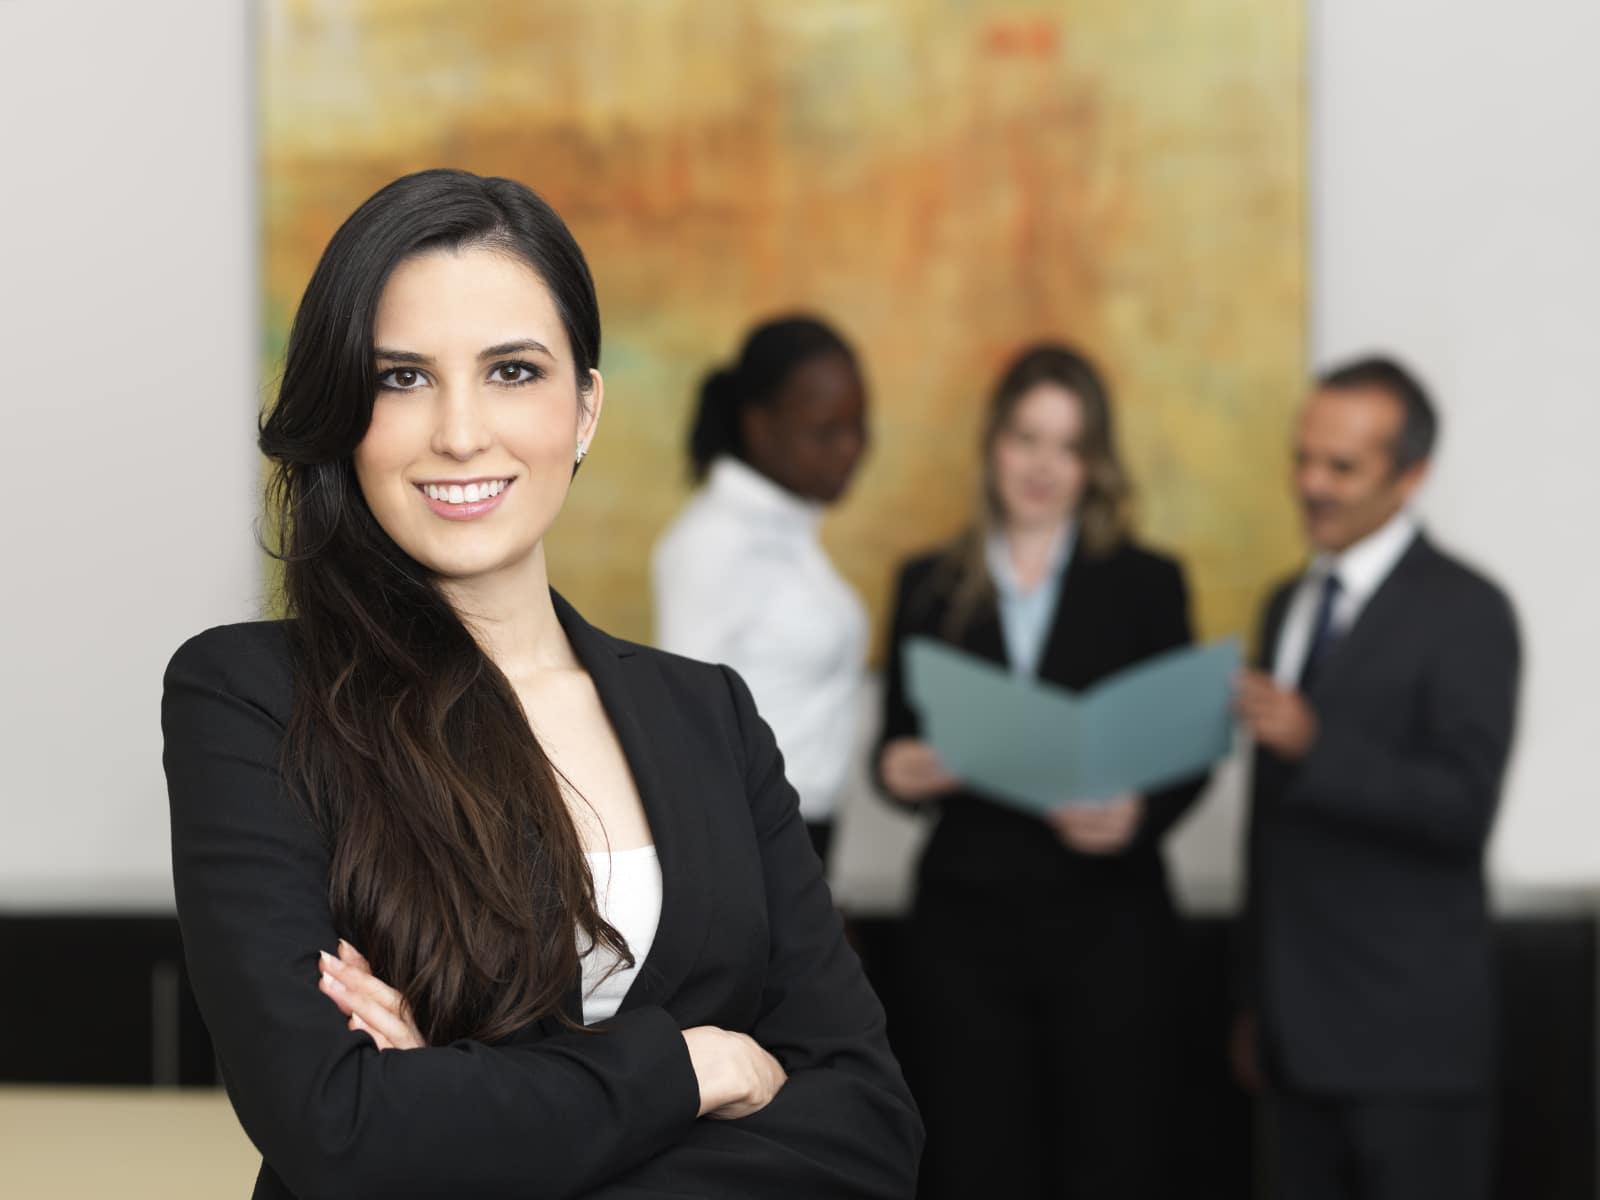 finanziamento imprenditoria femminile